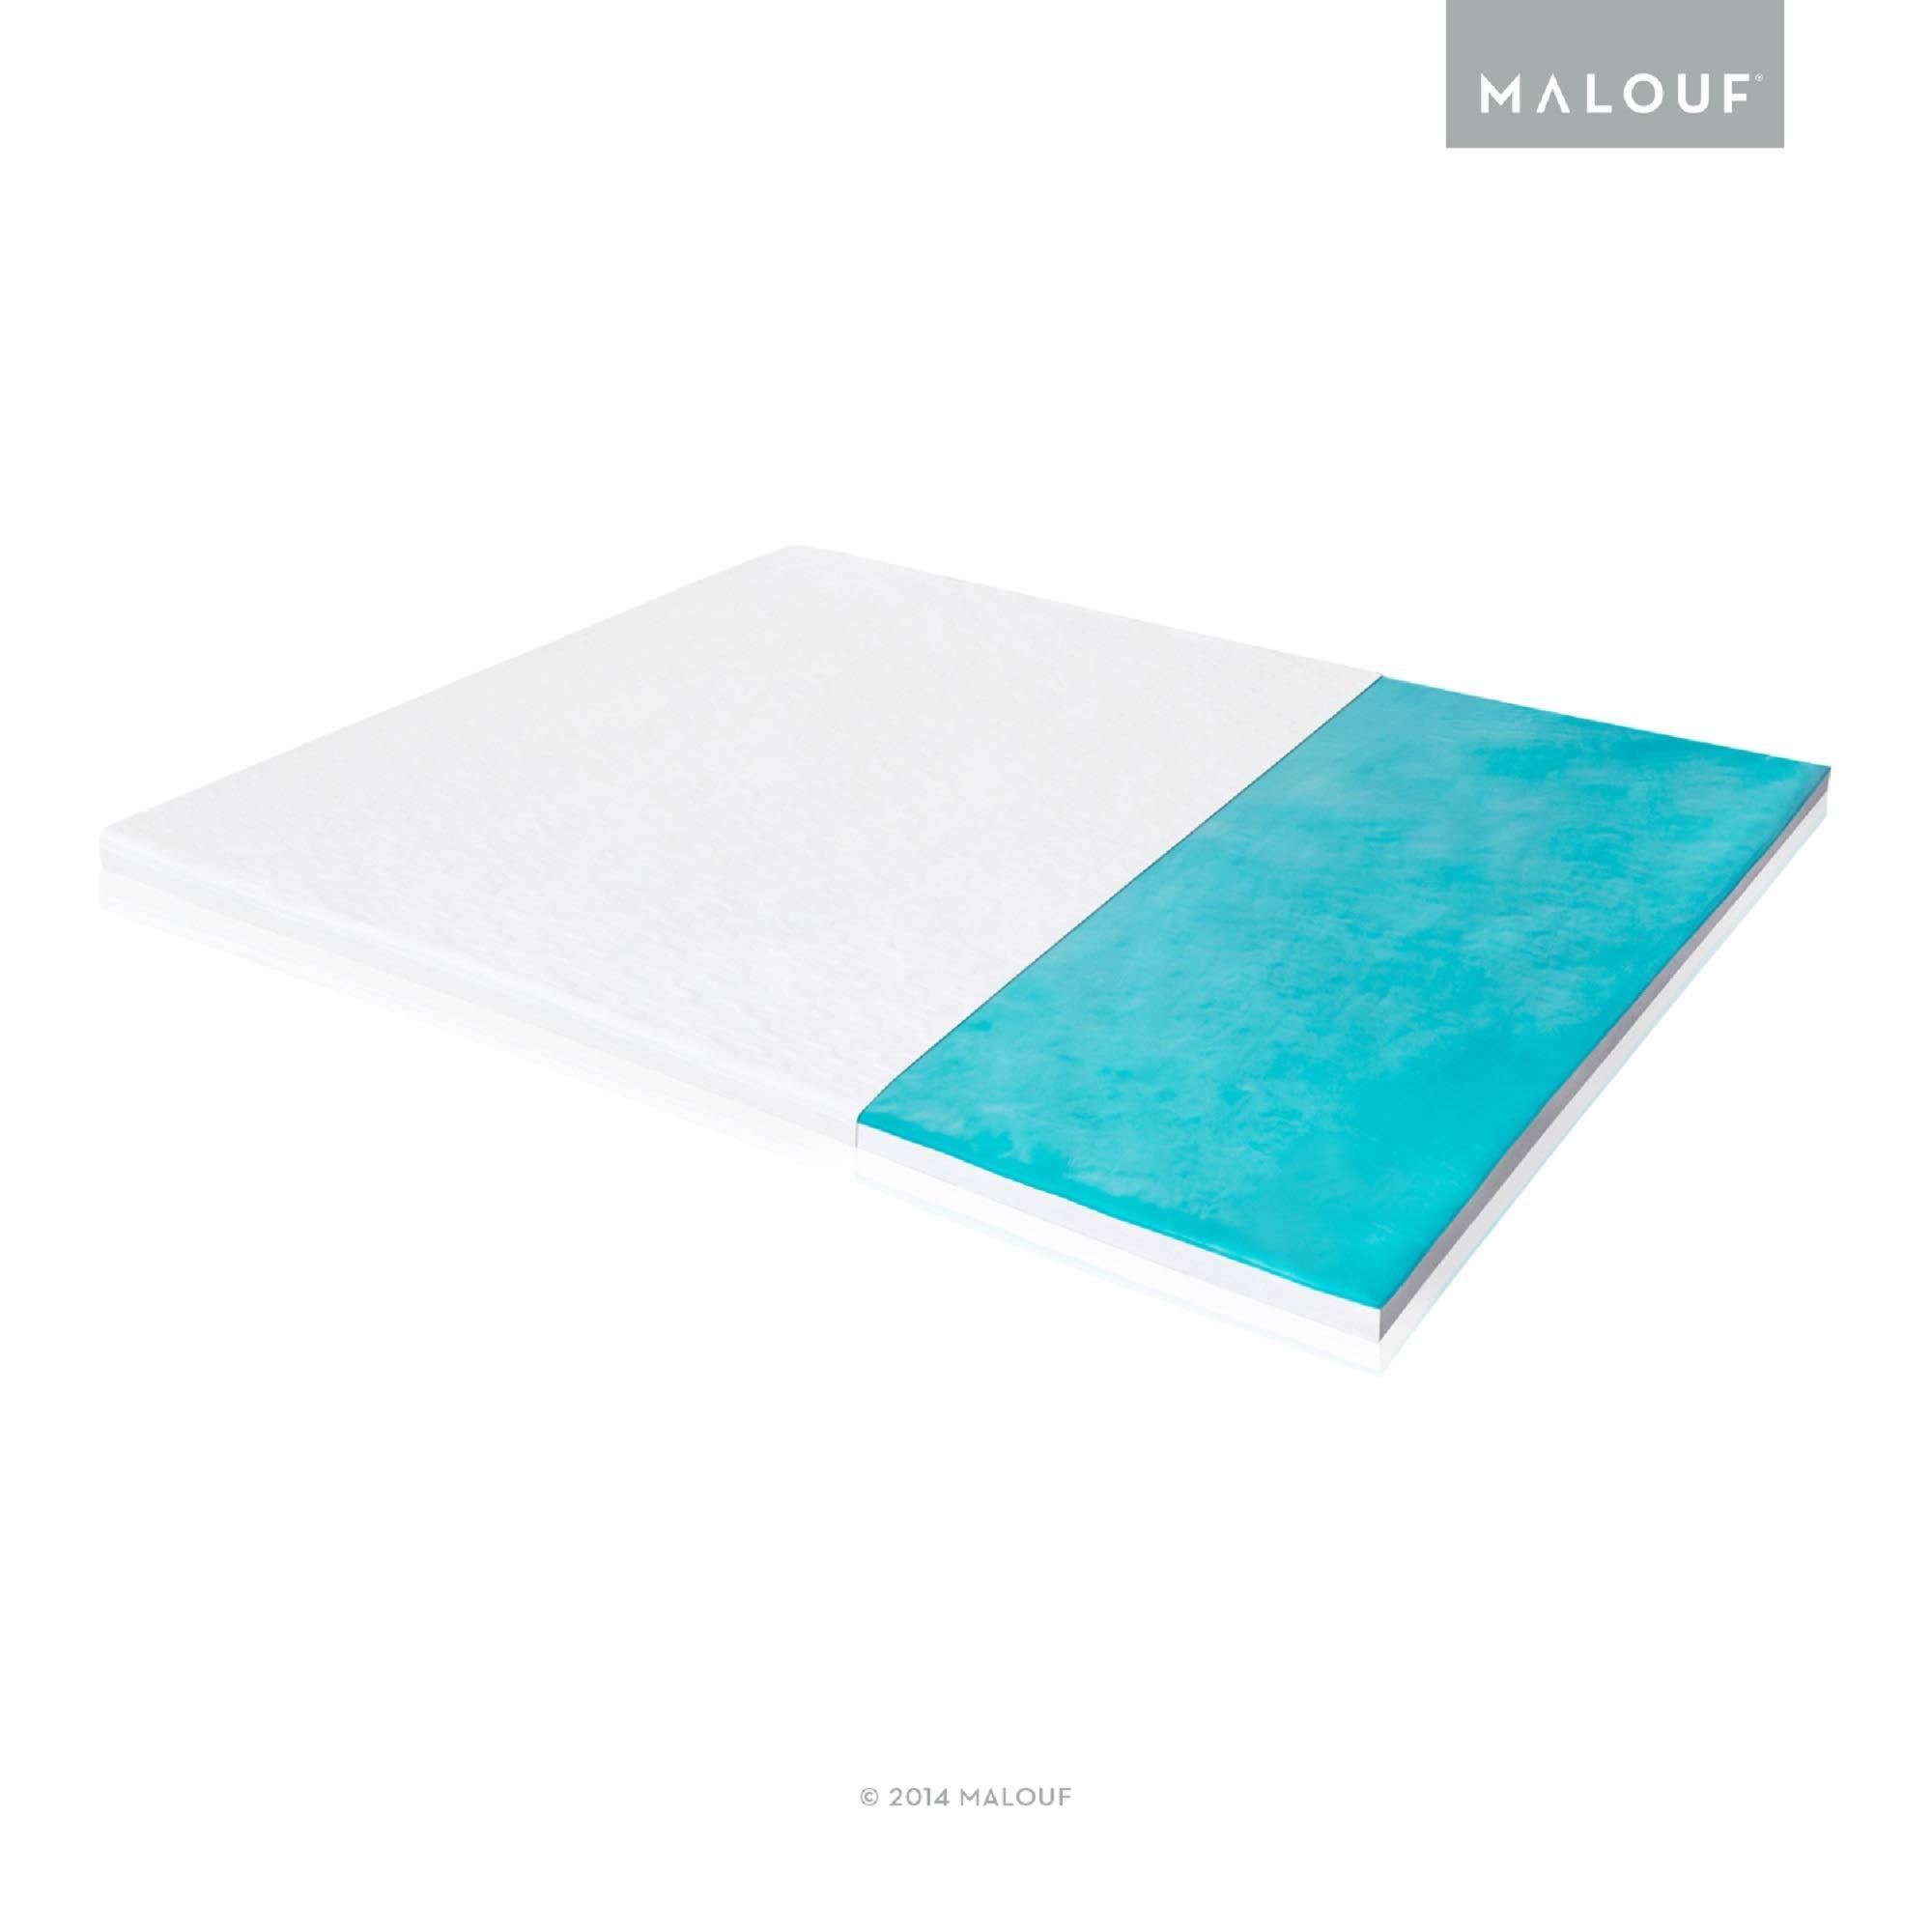 ISOLUS 2.5 Inch Liquid Gel Memory Foam Mattress Topper - 3-Year Warranty - King by MALOUF